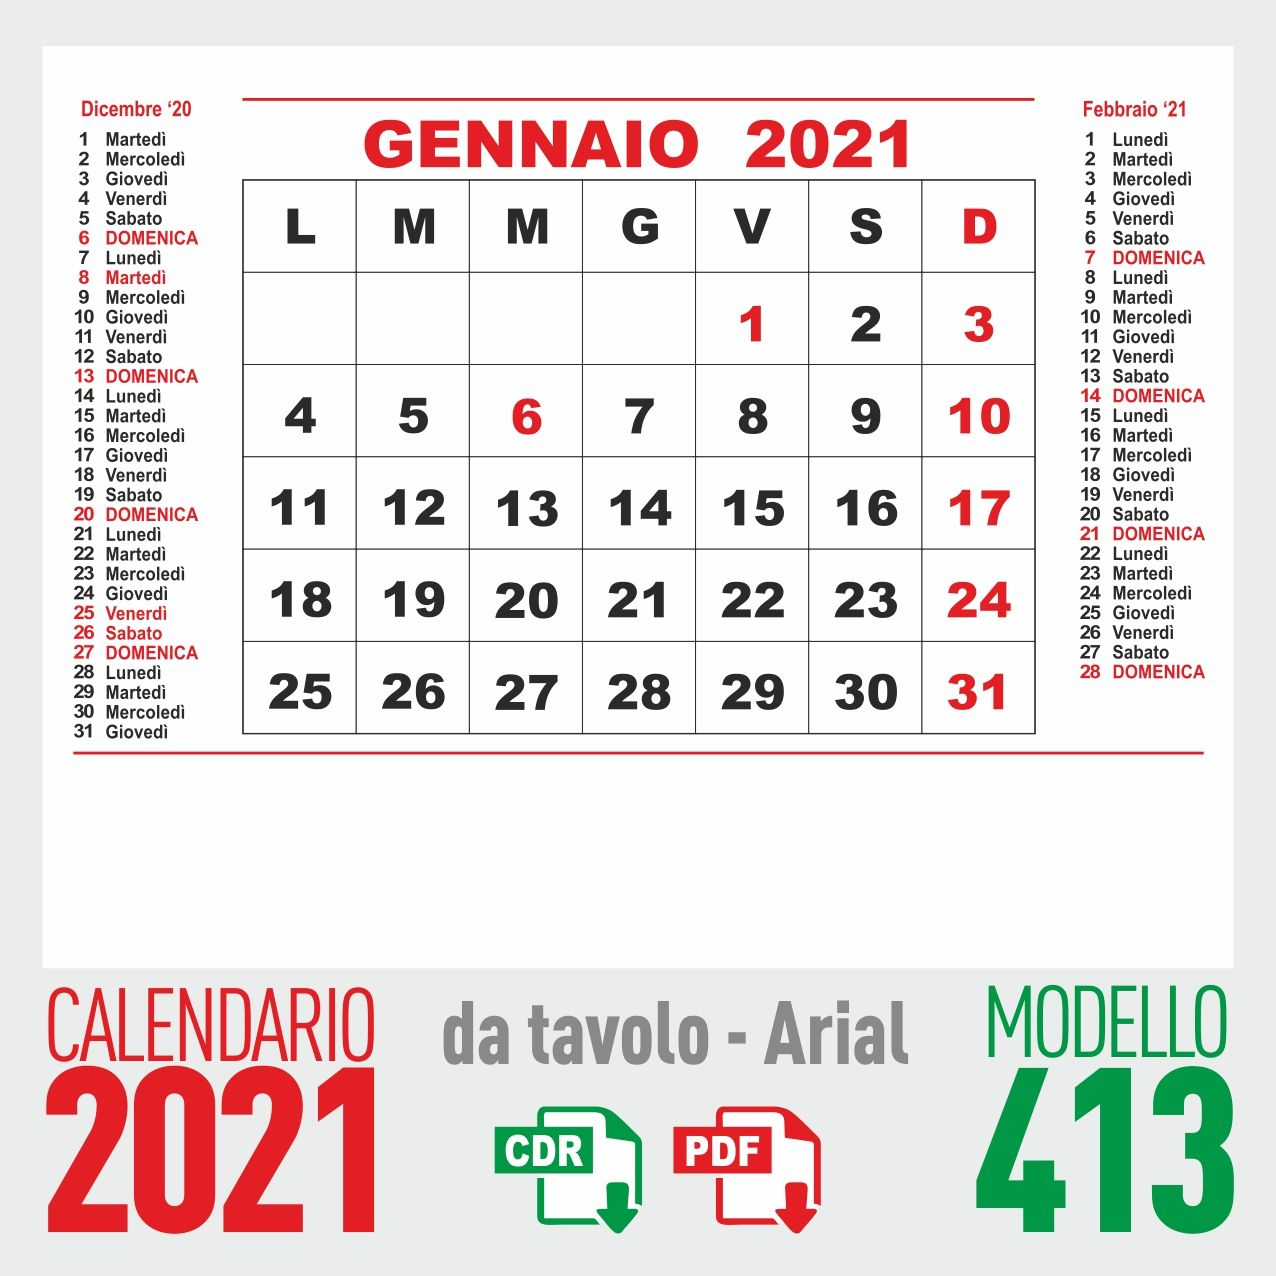 Calendario Da Tavolo Febbraio 2021 Calendario 2021 mensile   Calendario, Mercoledì